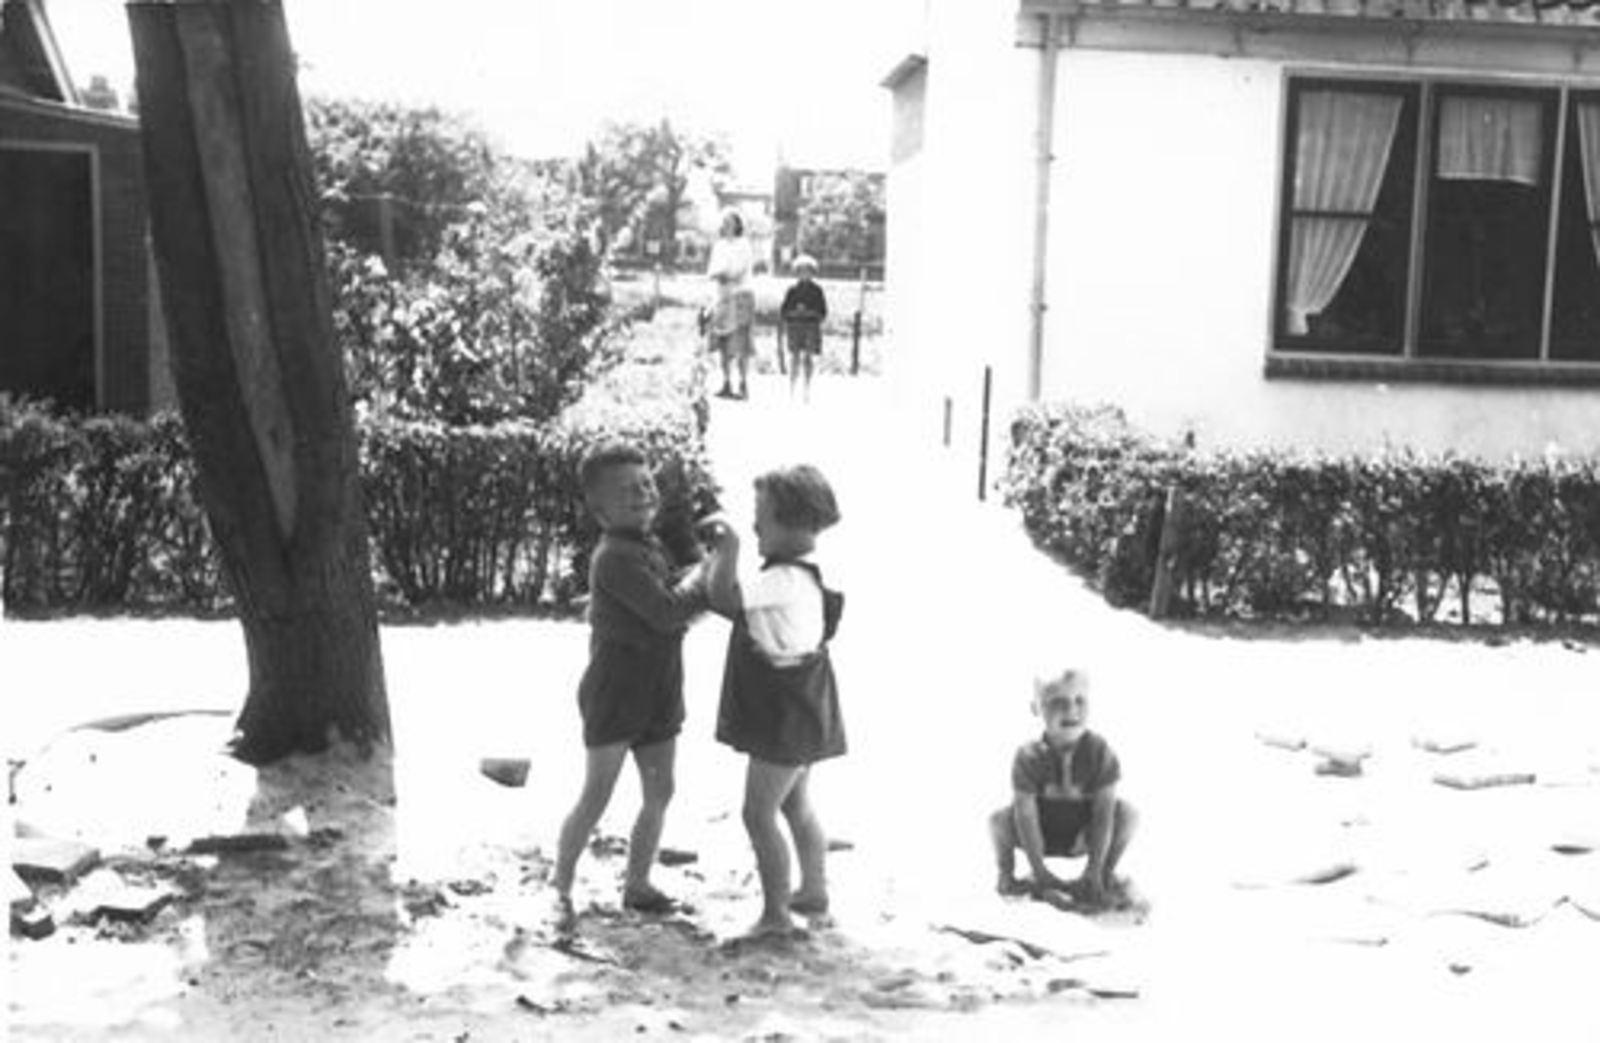 Kruislaan Z 0012 1956± Huize Ouwerkerk met Spelende Kinderen